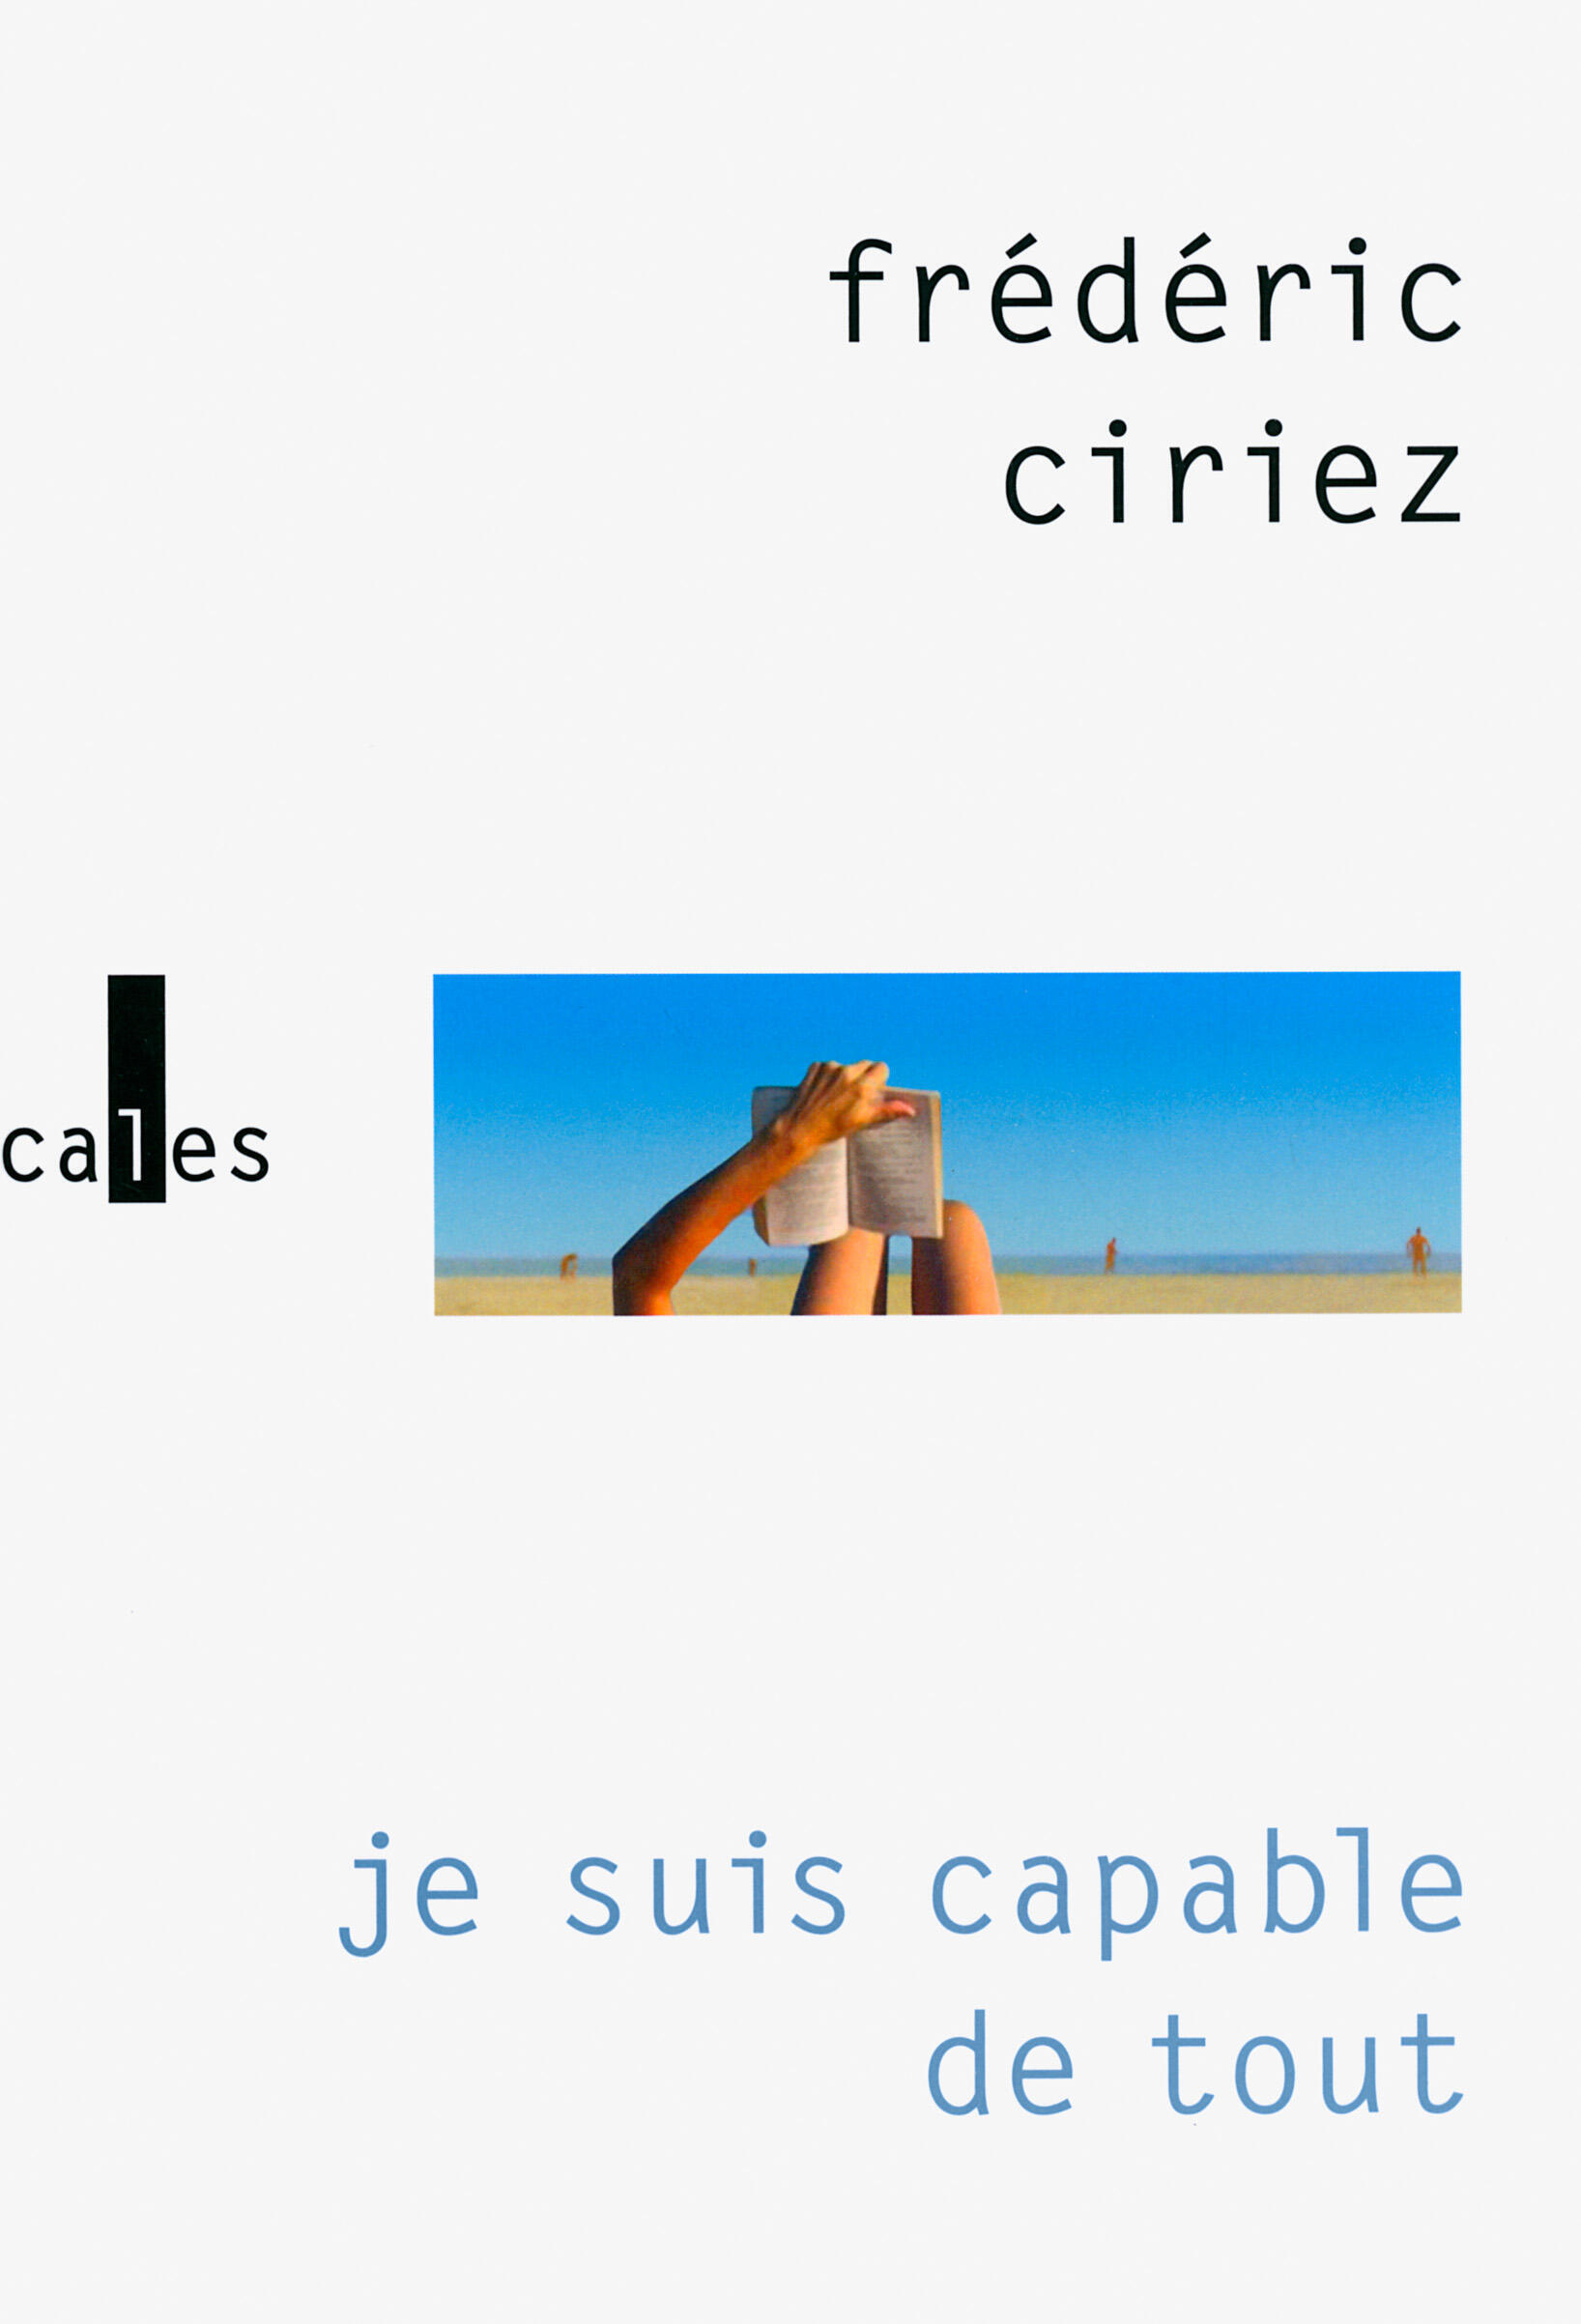 Couverture du roman, «Je suis capable de tout» de Frédéric Ciriez.